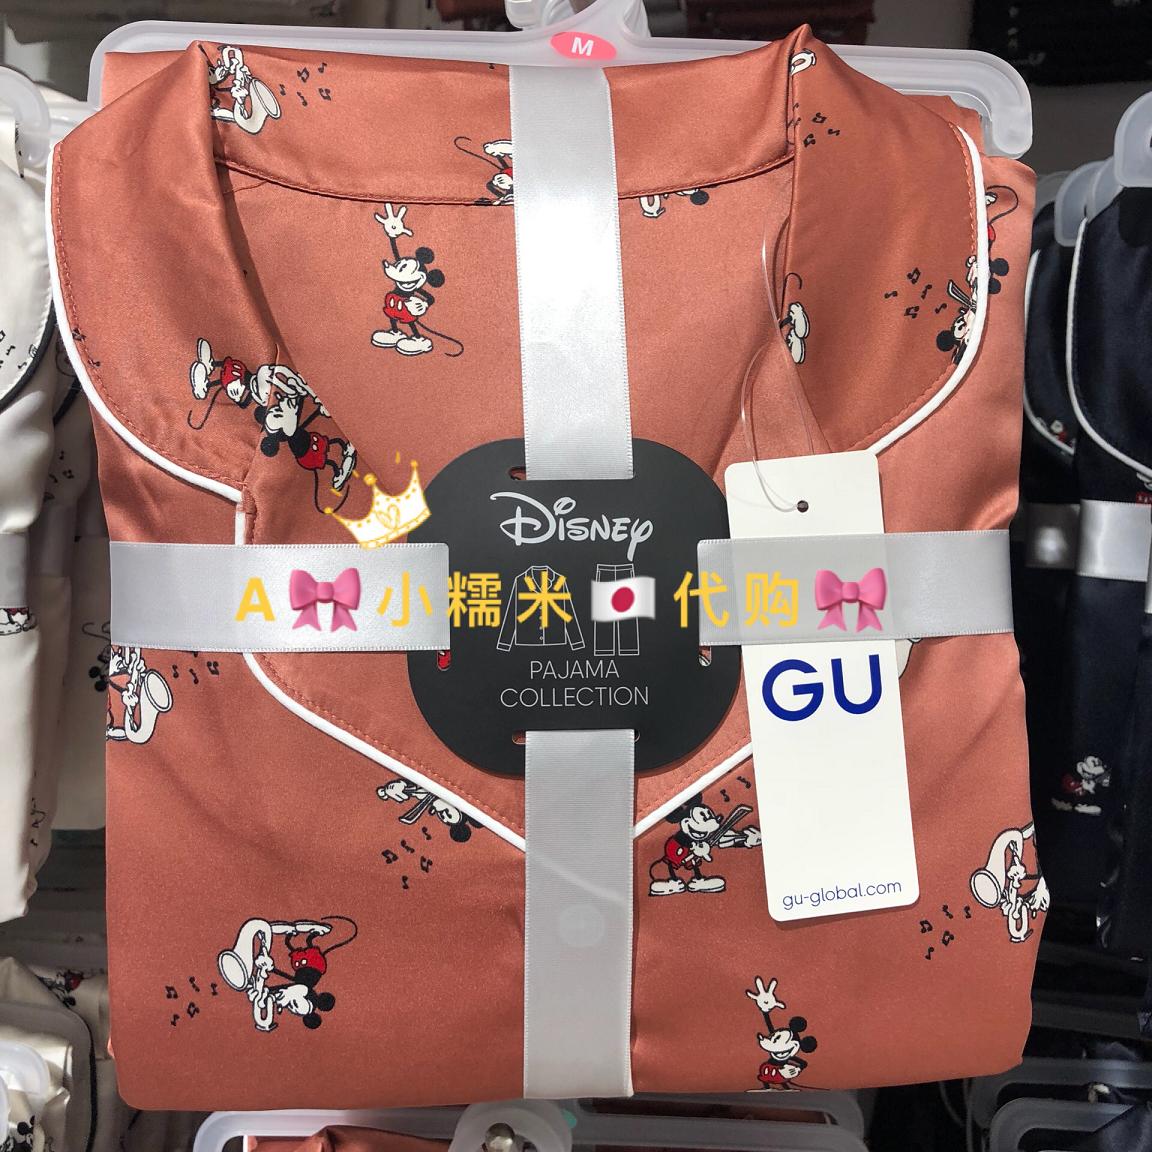 小糯米日本代购GU新款女睡衣家居服套装(长袖长裤)舒适款